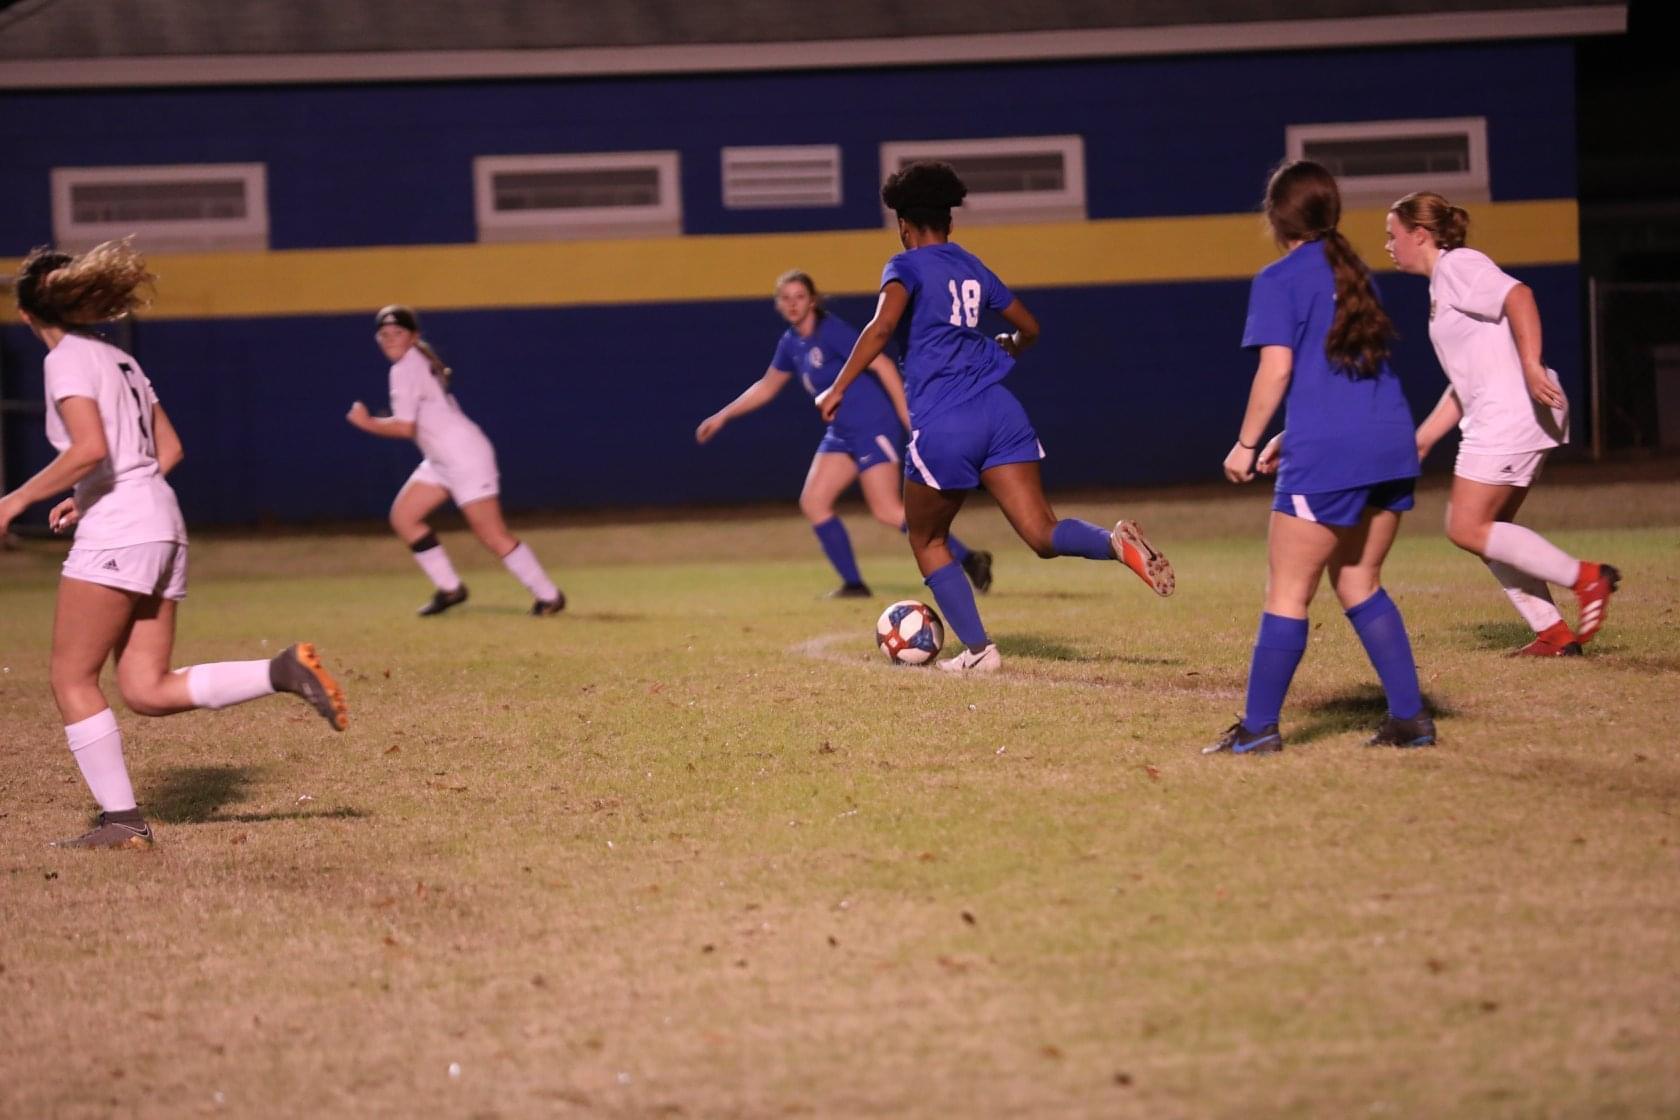 Sh'Carla plays soccer.